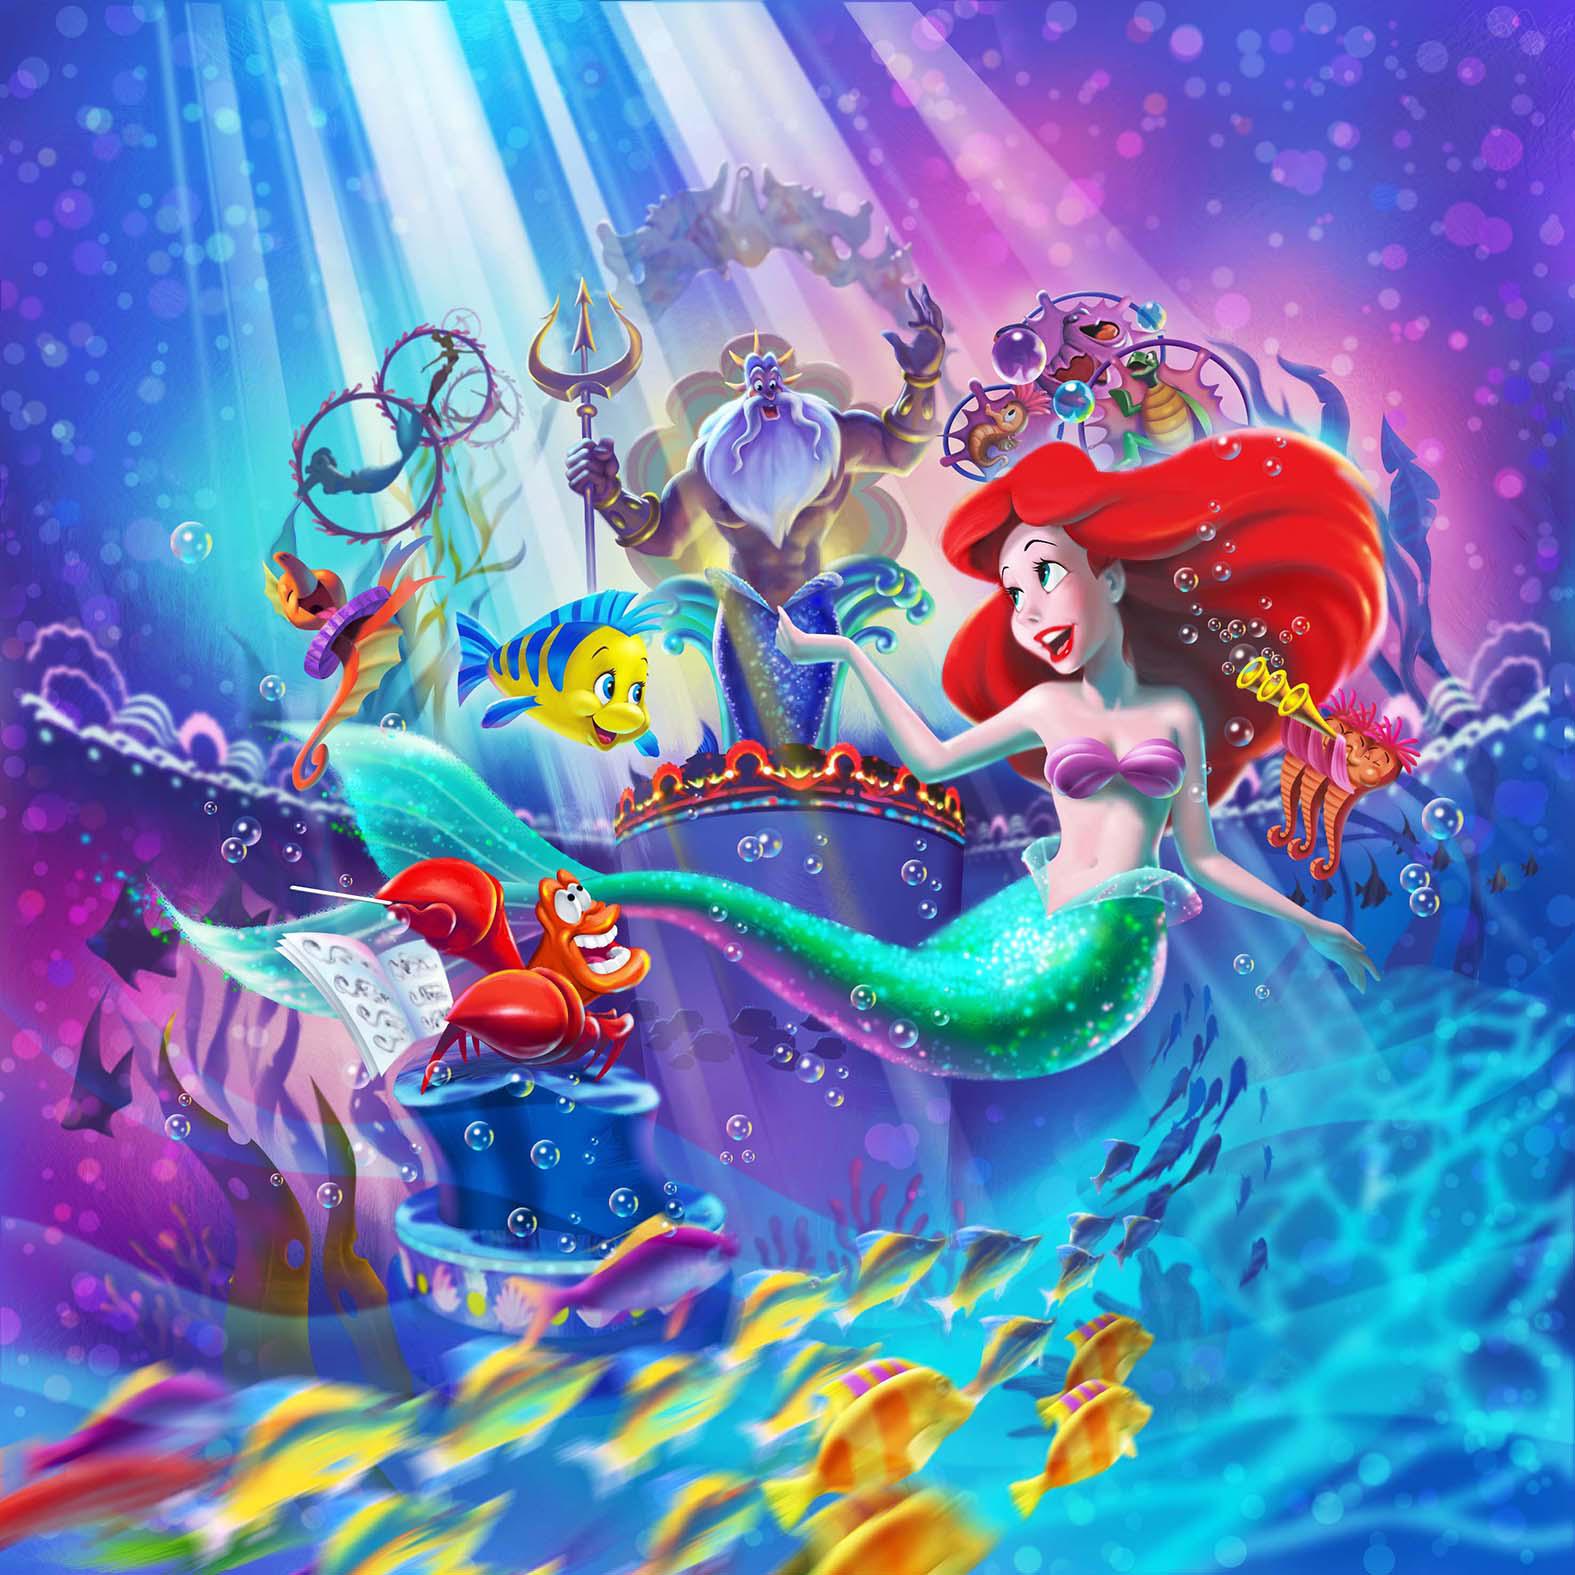 新ミュージカルショー「キング・トリトンのコンサート」イメージ画像 (c)Disney